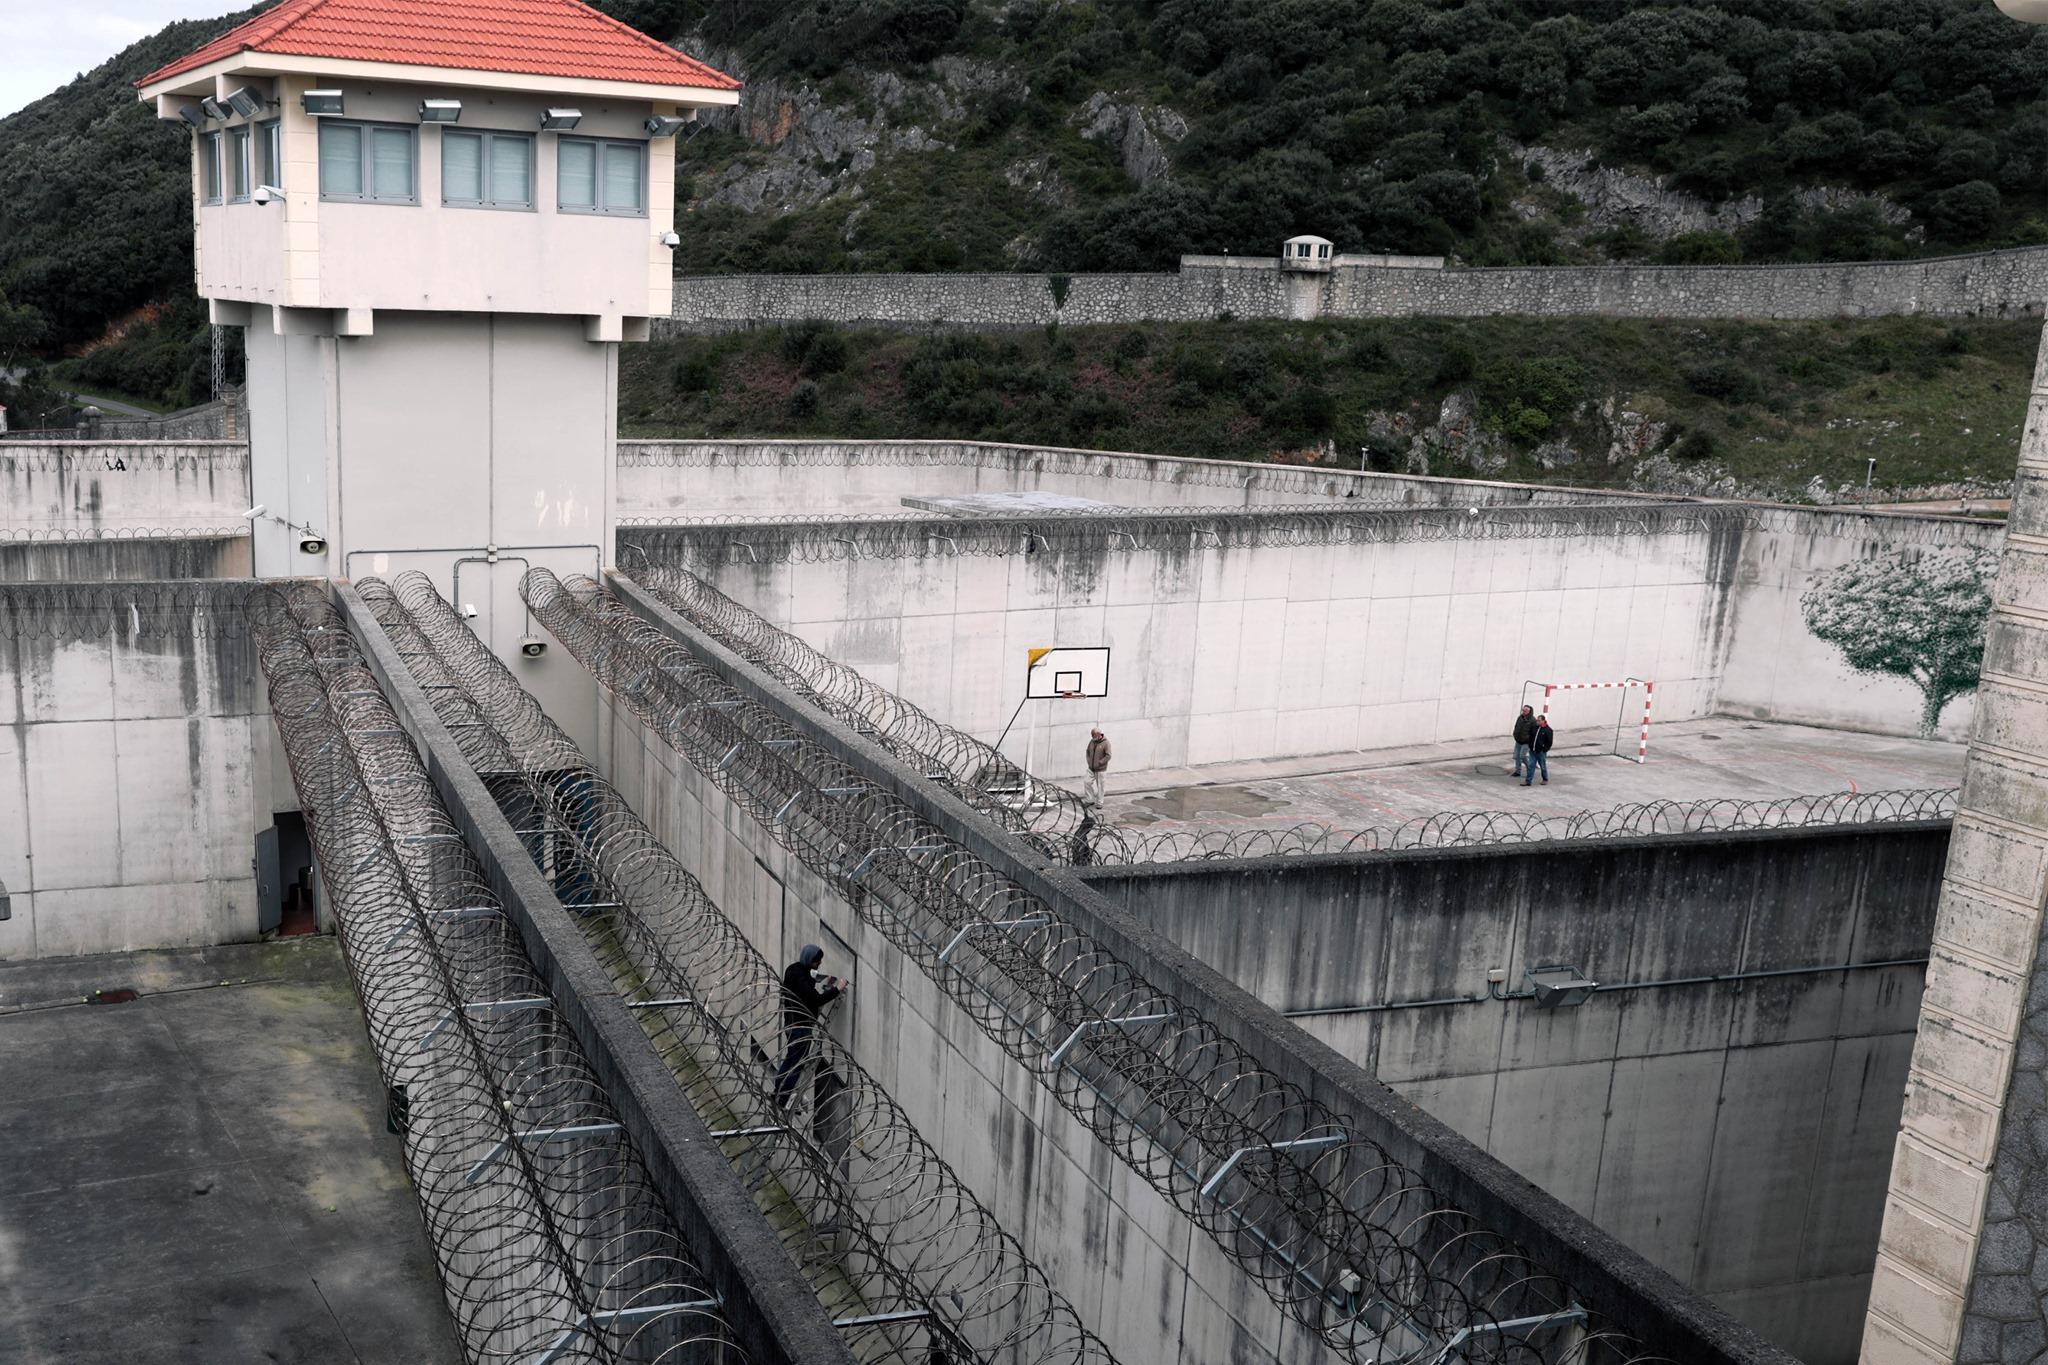 Centro penitenziario dell'artista El Dueso Pejac